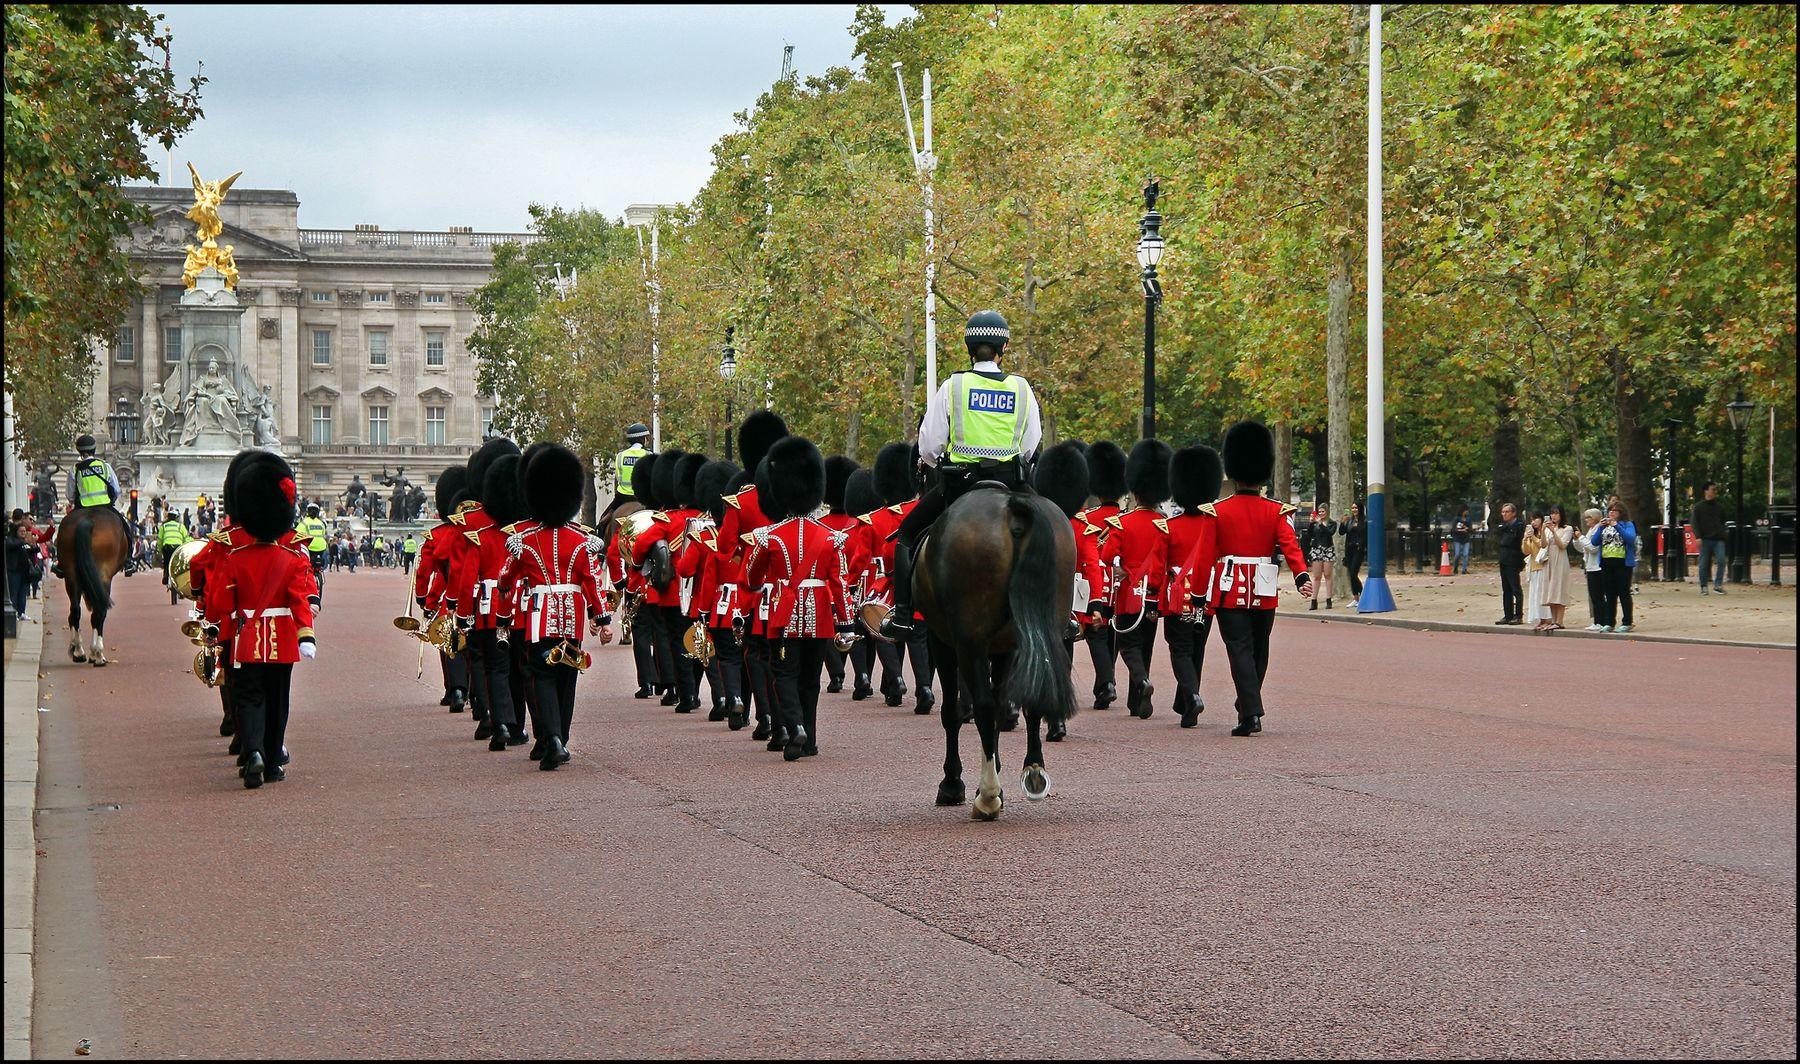 К Букингему под охраной... Лондон Букингемский дворец Резиденция королевы Королевская гвардия оркестр